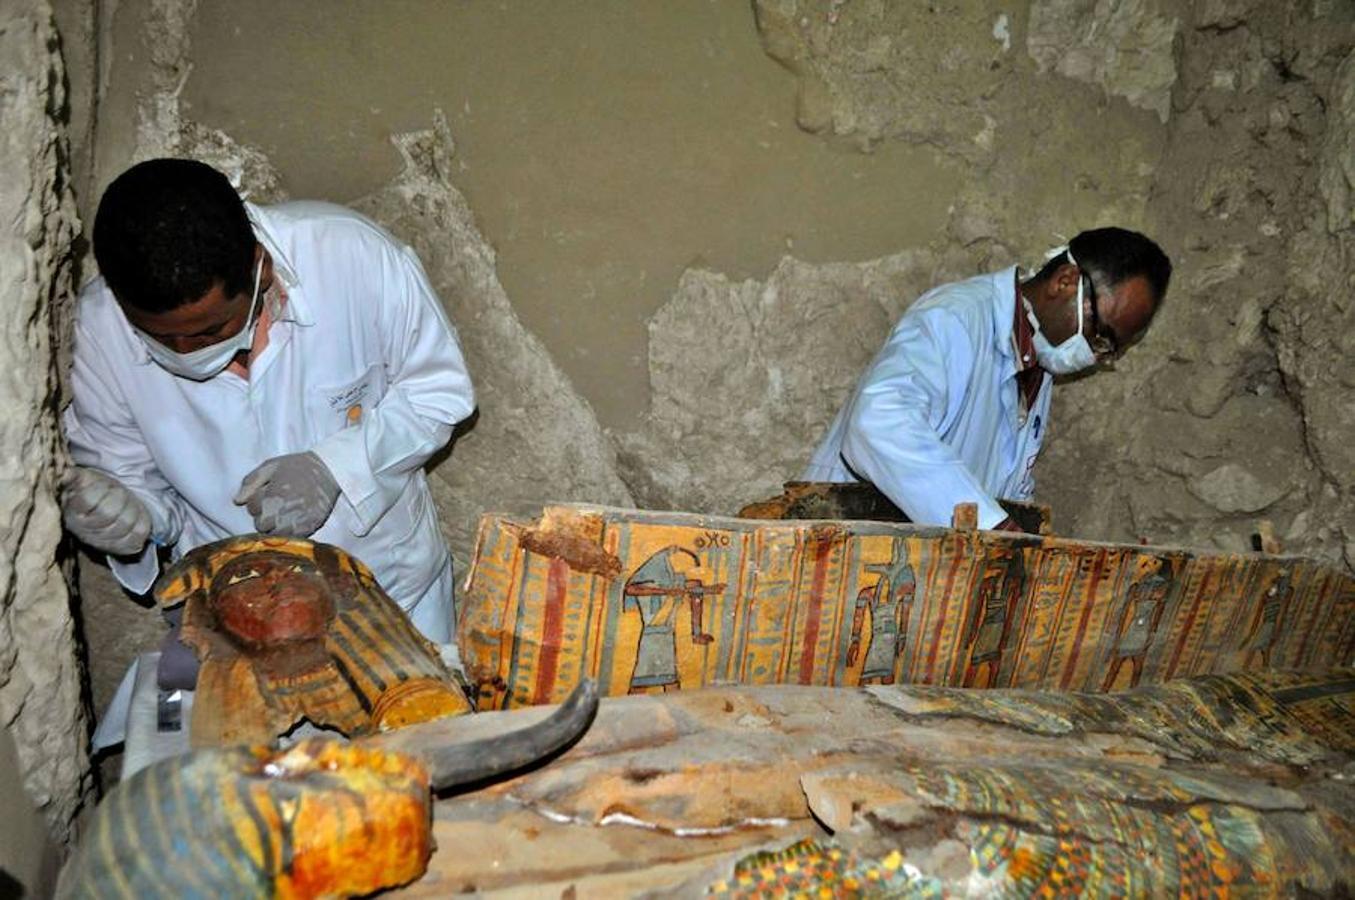 Pertenece a un alcalde llamado Ausrihat y contiene ocho momias, diez sarcófagos y cientos de estatuillas funerarias, detalló a Efe el jefe de la misión arqueológica y director del Departamento de Antigüedades de Luxor, Mustafa Waziri.